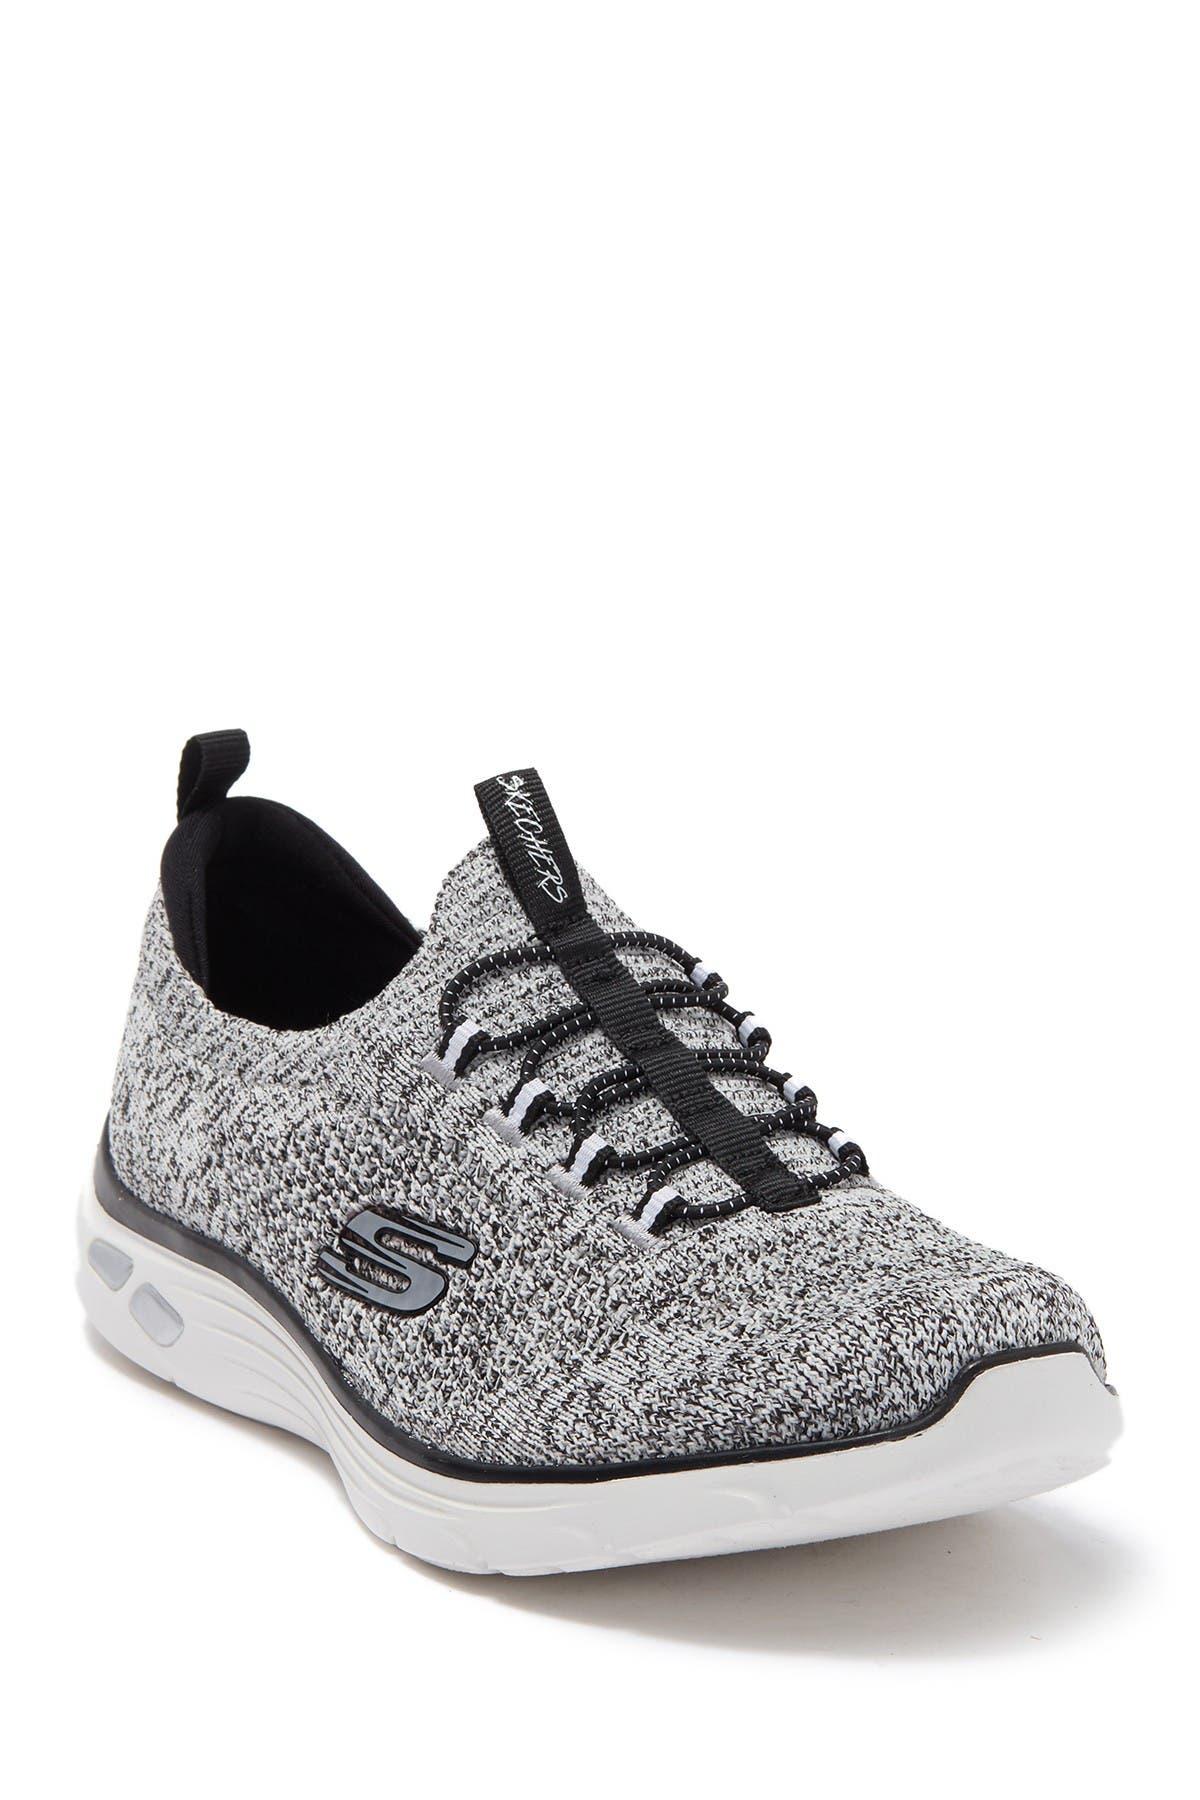 Skechers | Empire D'Lux Knit Sneaker